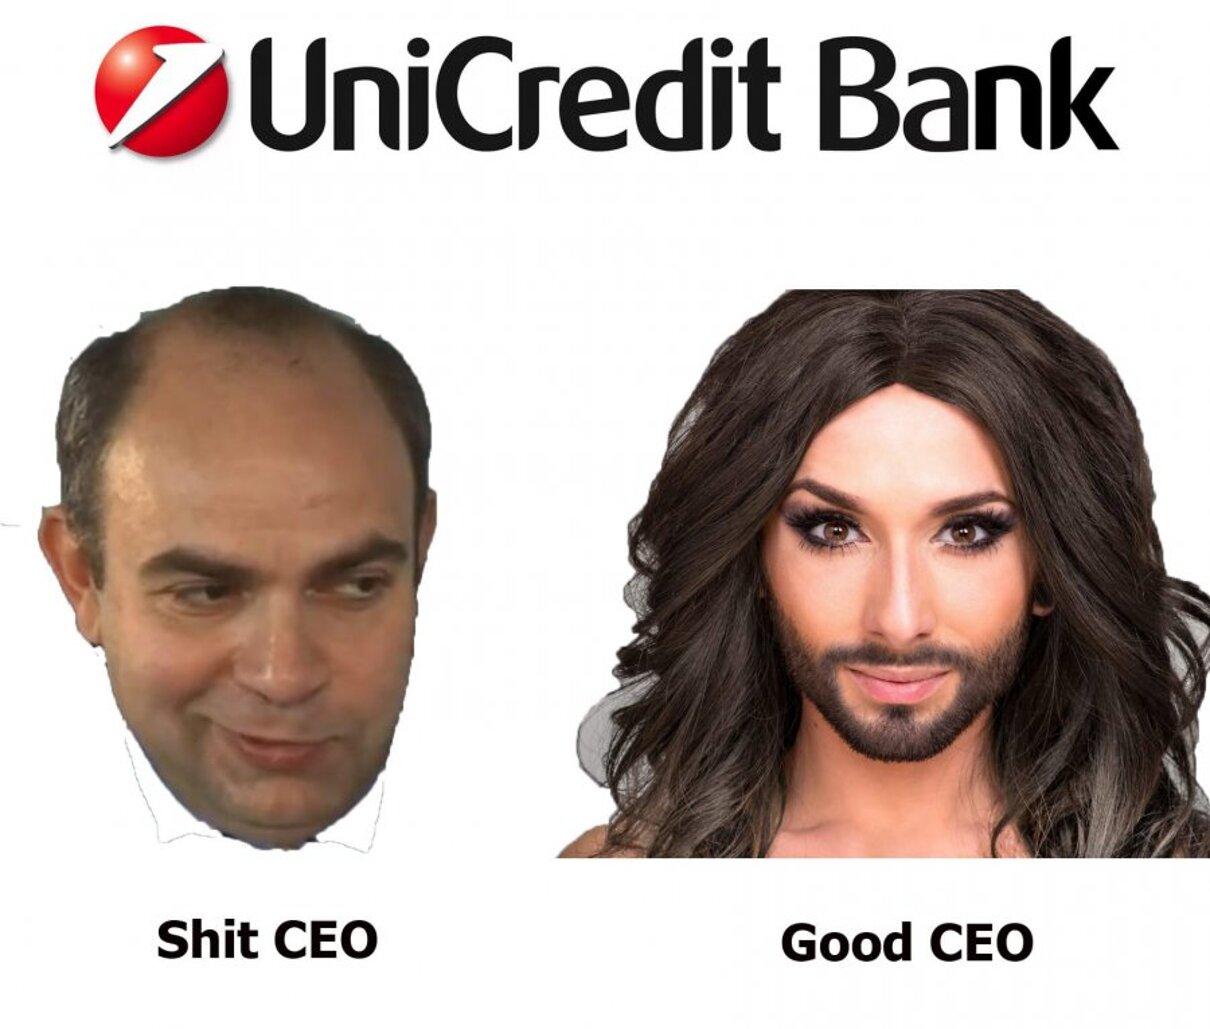 Жалоба-отзыв: ЮниКредит Банк - О Банке.  Фото №2